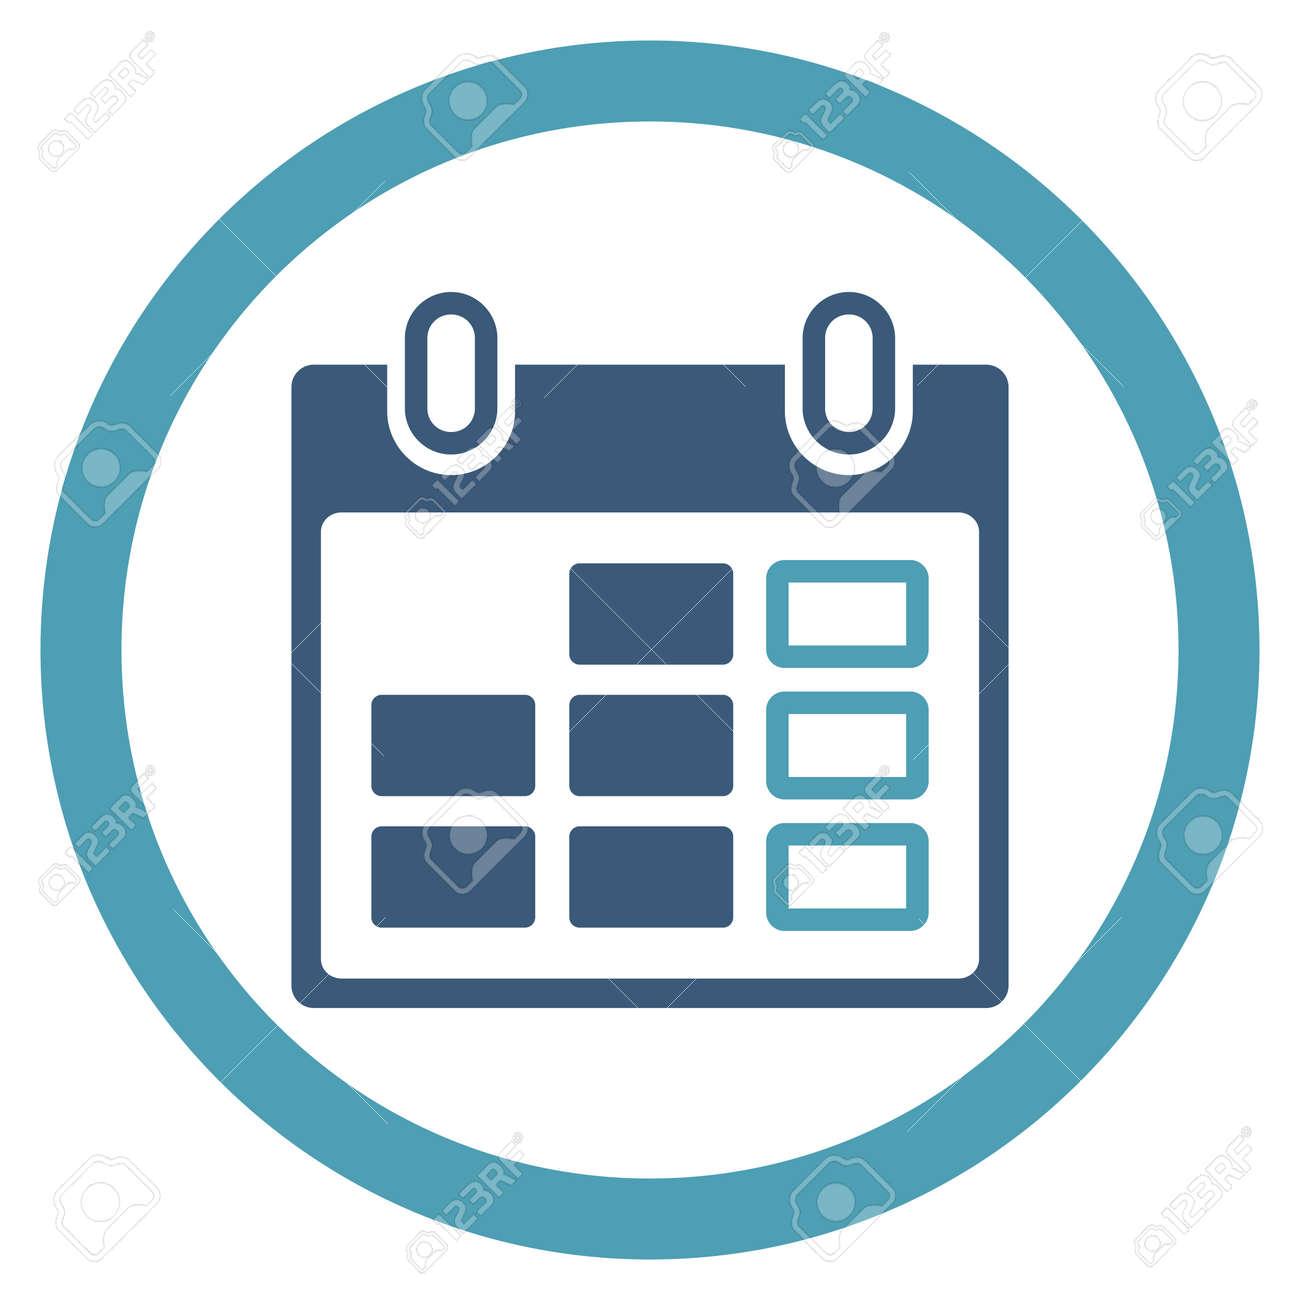 Simbolo Calendario.Settimana Di Calendario Vettore Icona Lo Stile E Bicolore Piatto Simbolo Arrotondata Ciano E Blu Angoli Sfondo Bianco Arrotondato